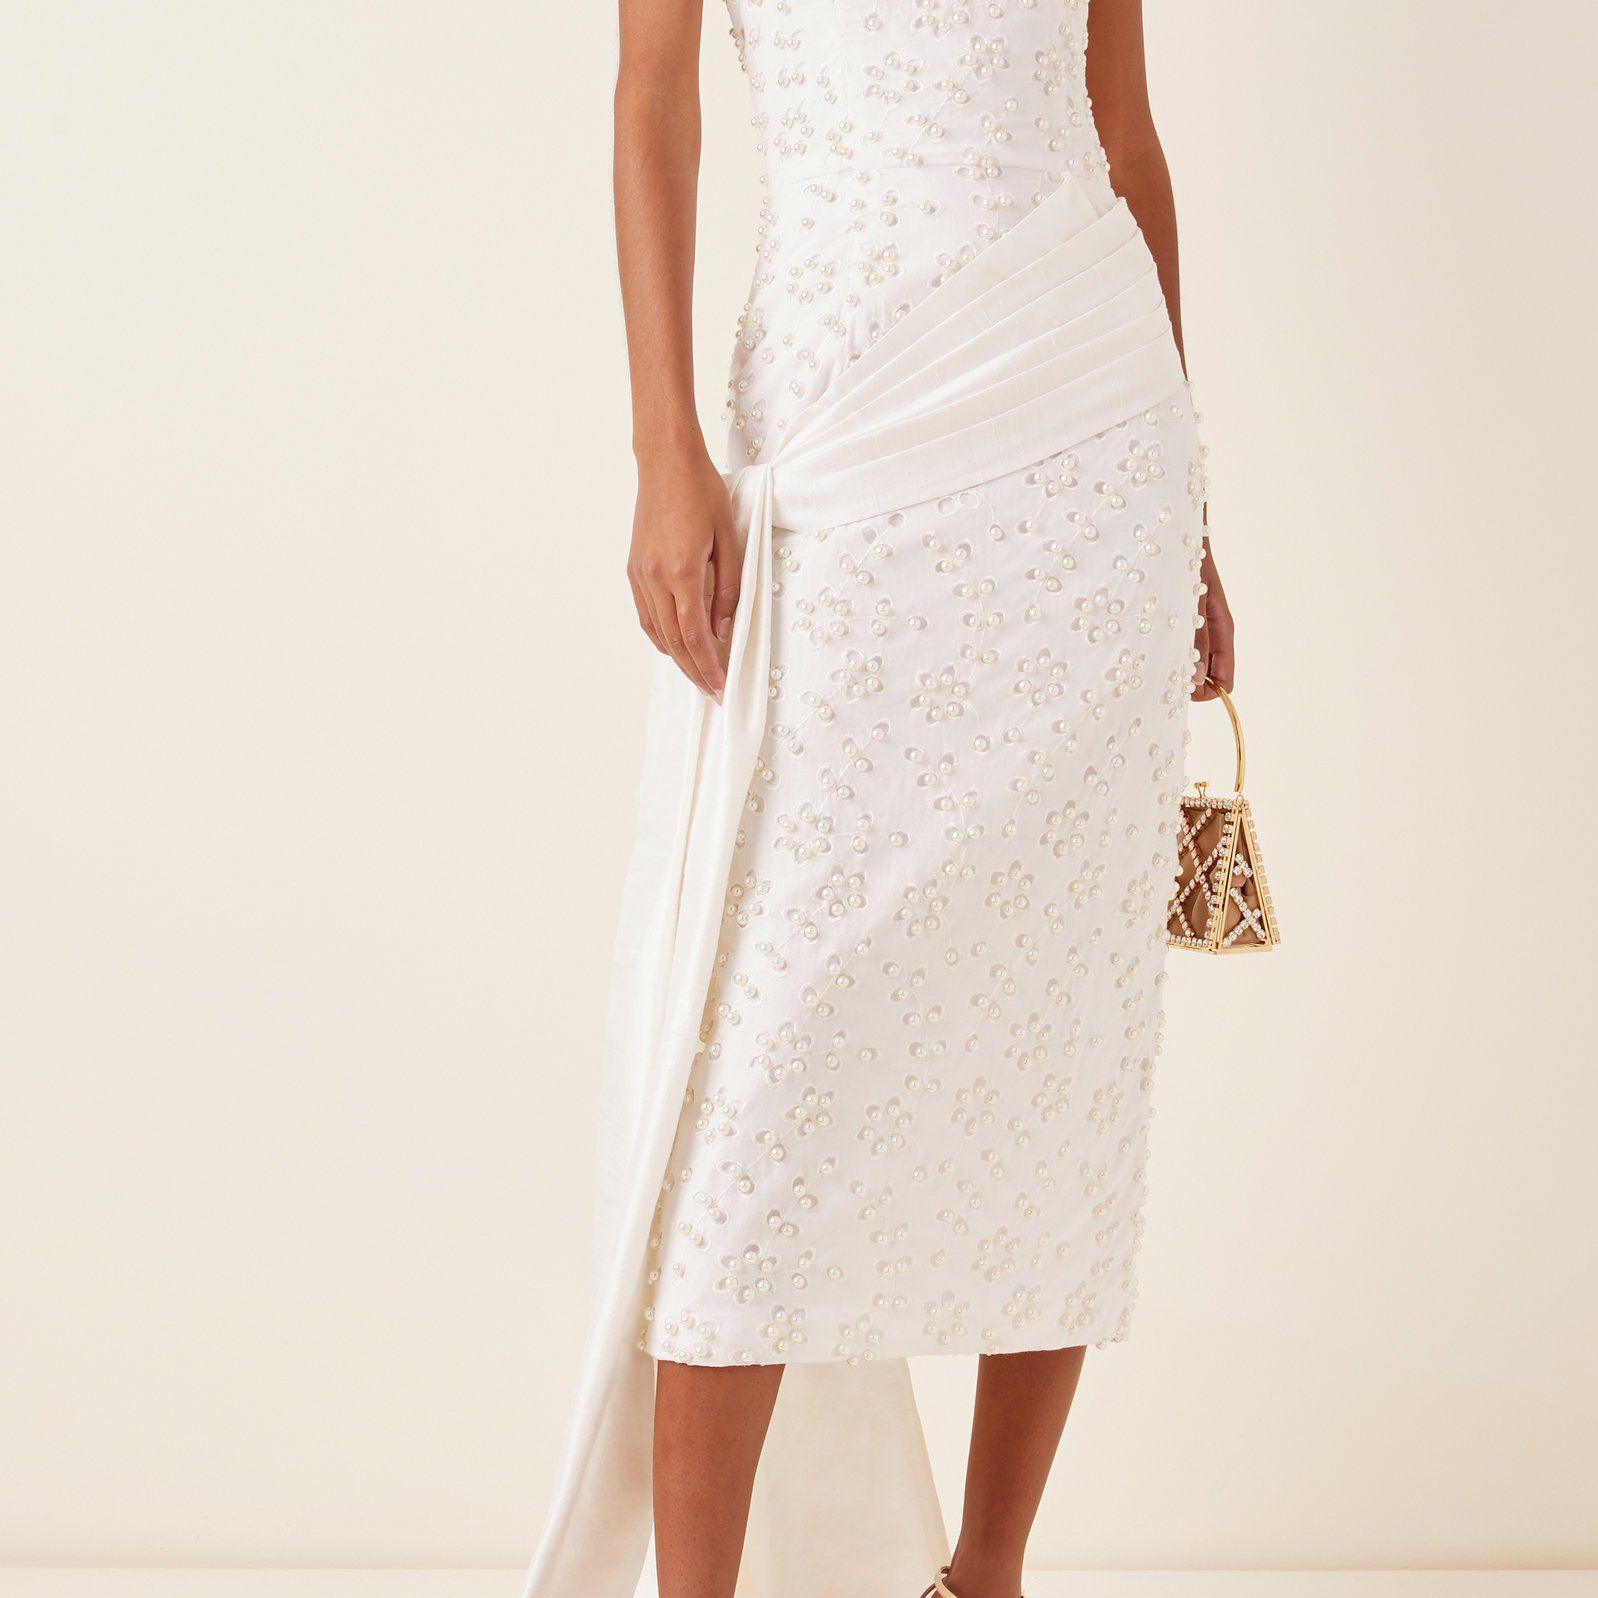 pearl embellished dress